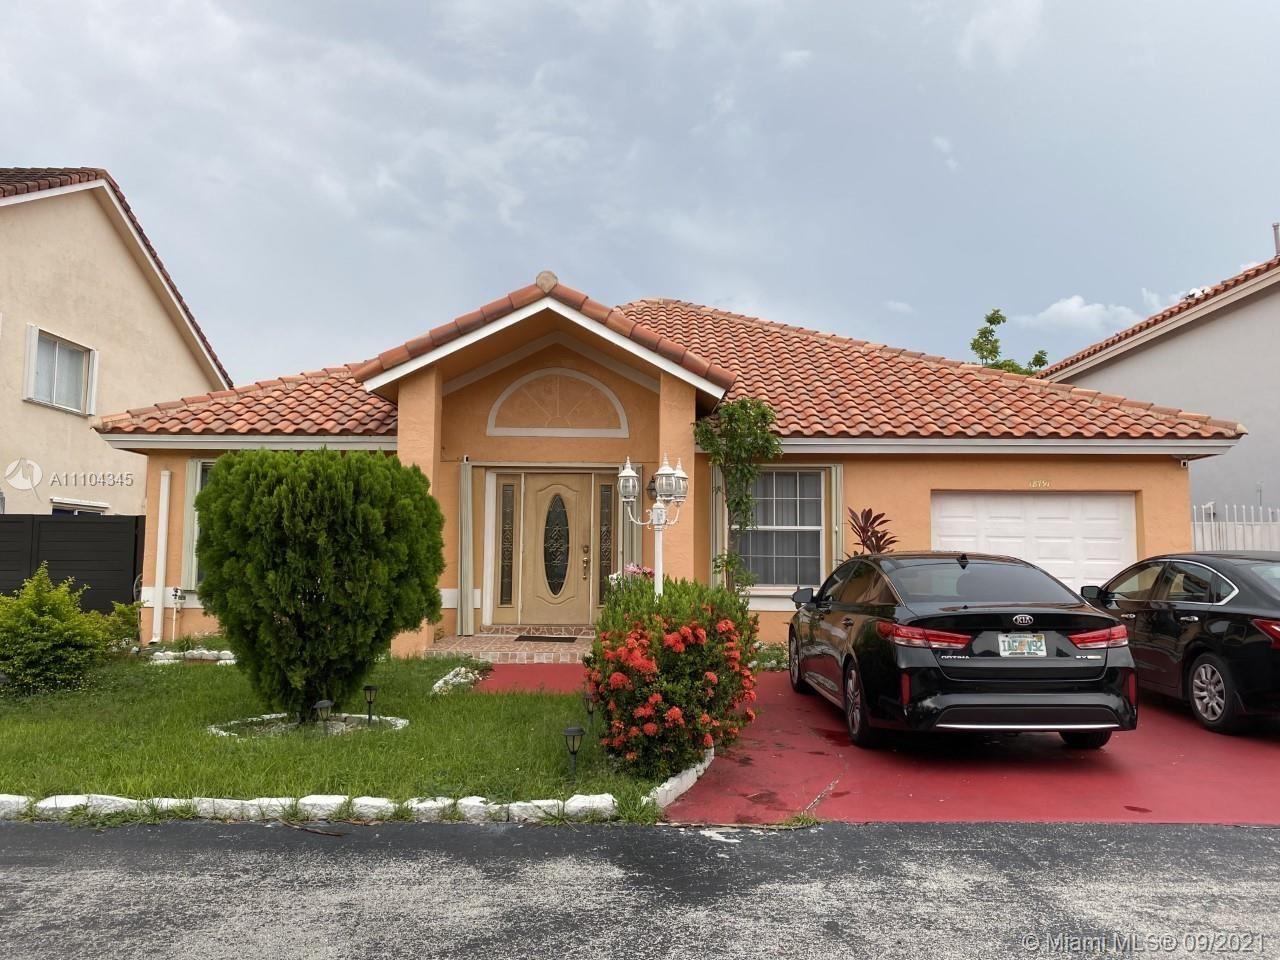 18791 NW 79th Way, Hialeah, FL 33015 - #: A11104345